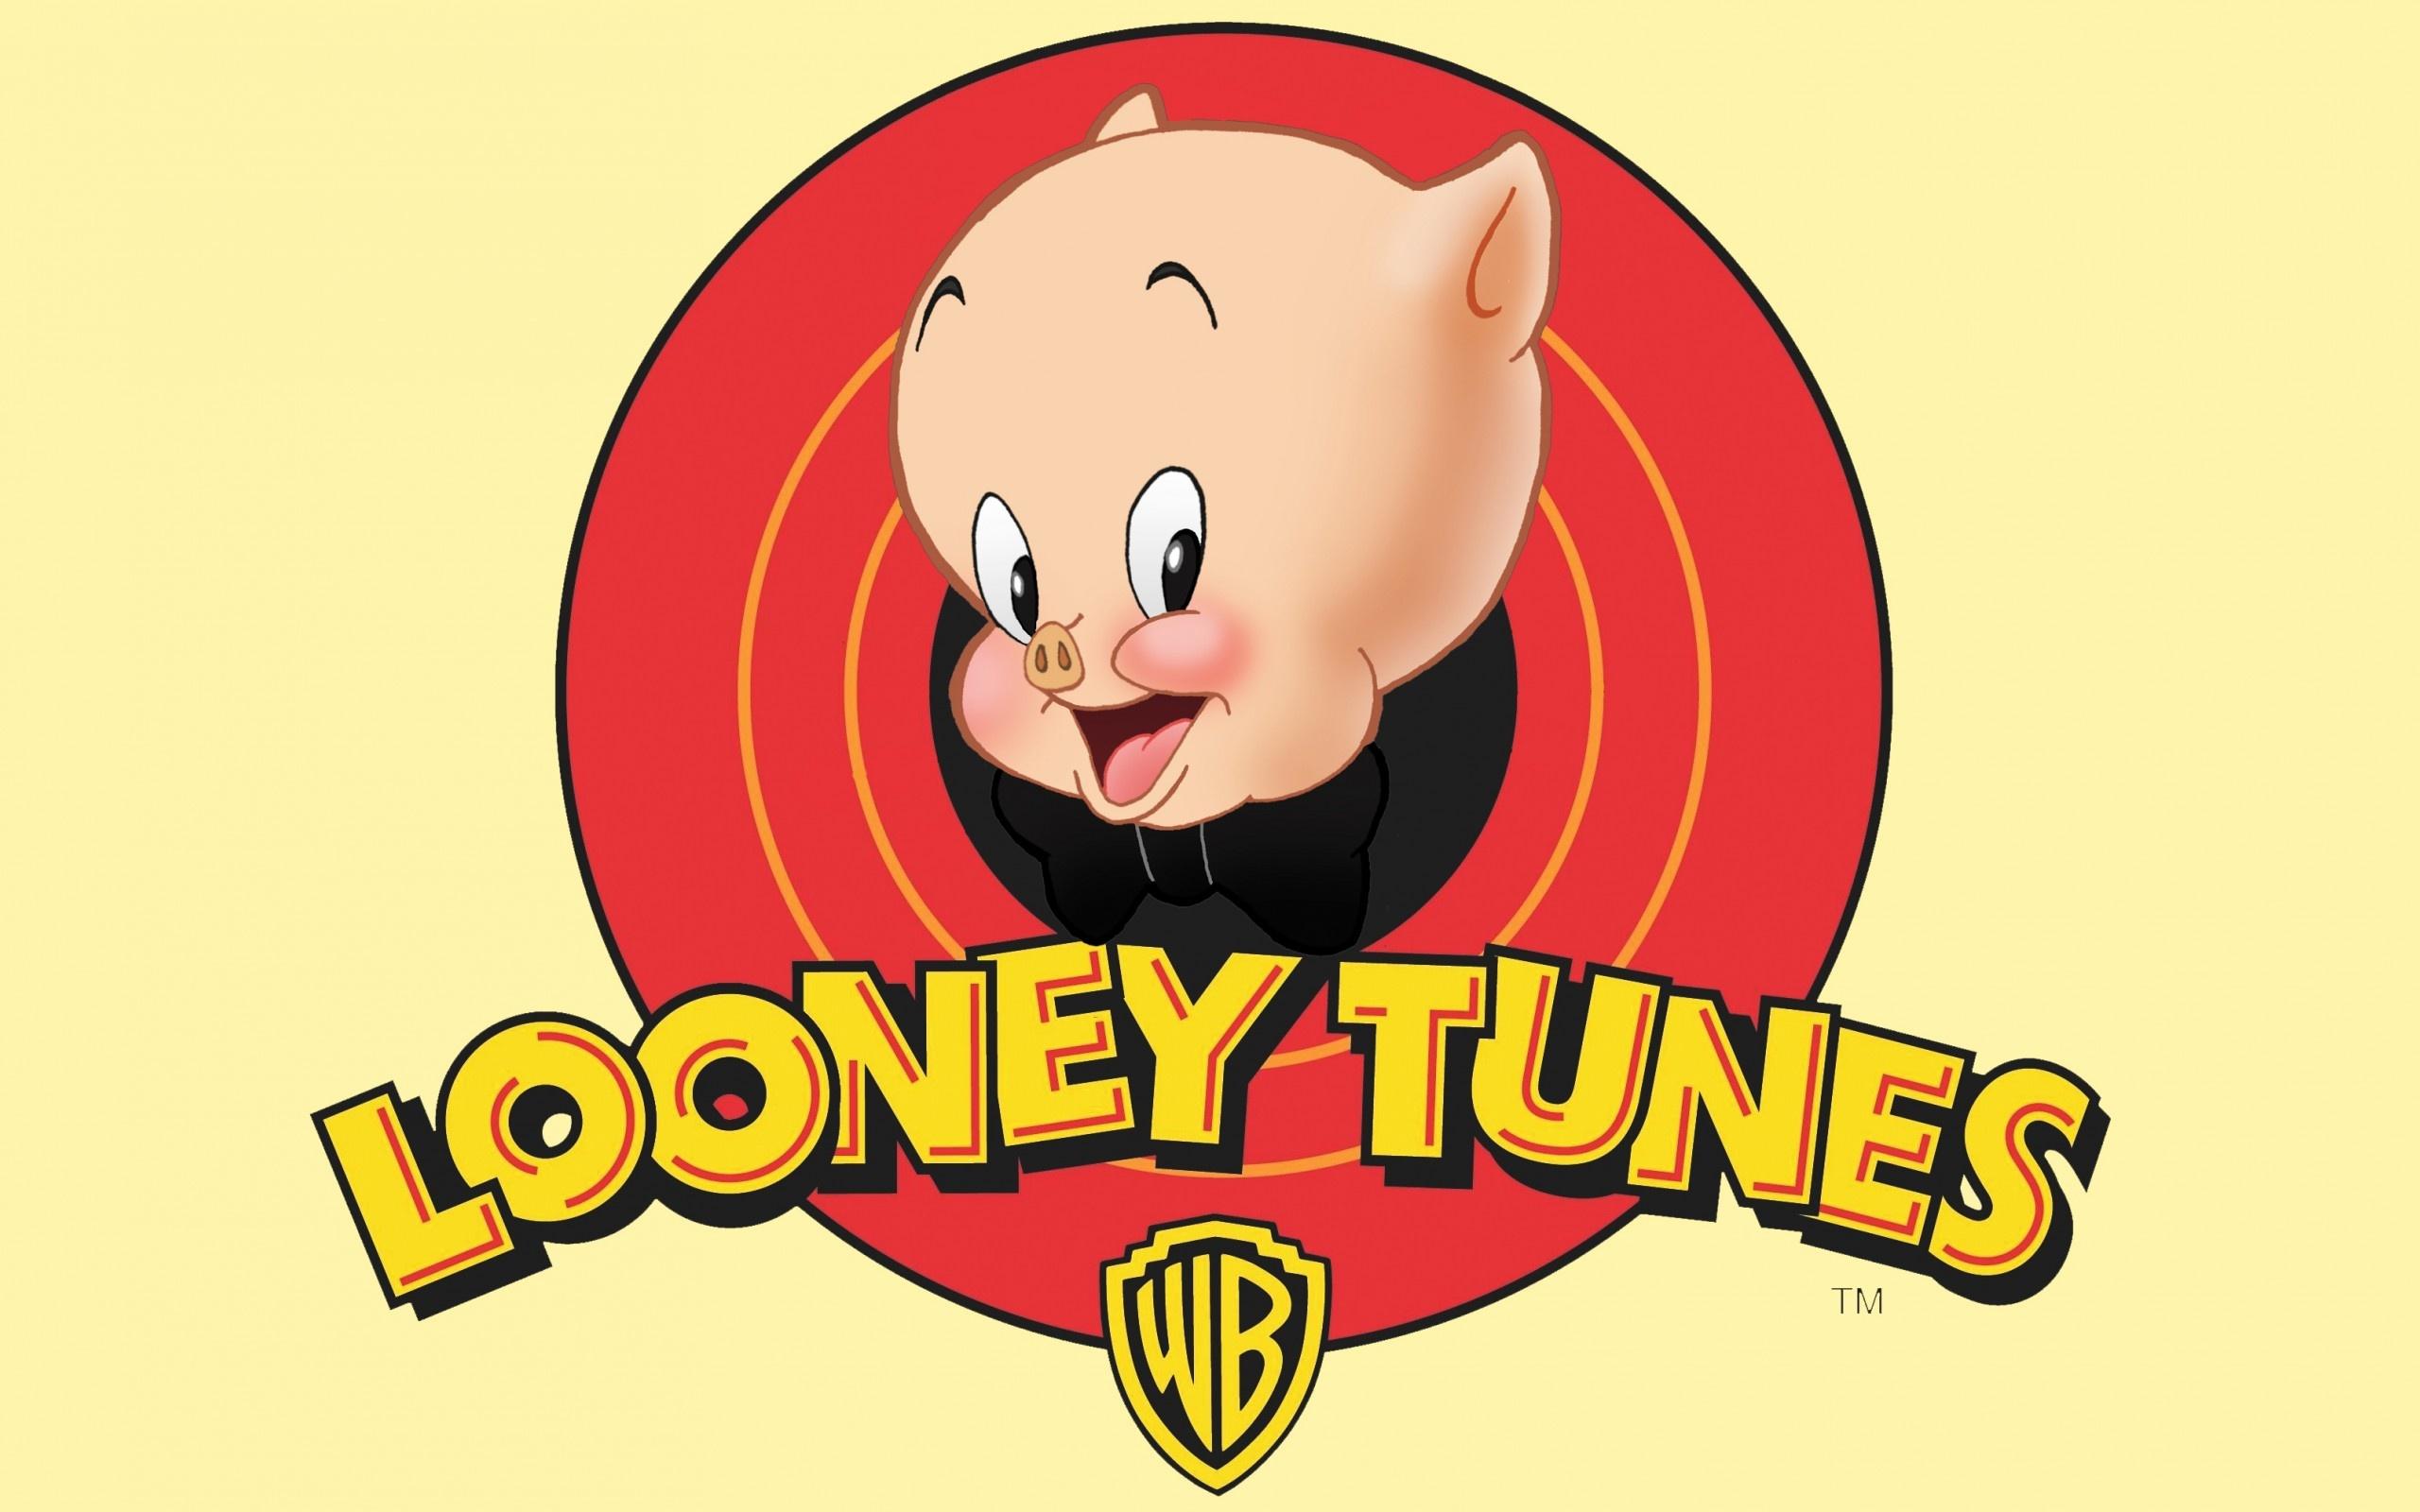 ... Porky Pig · Porky Pig Pictures